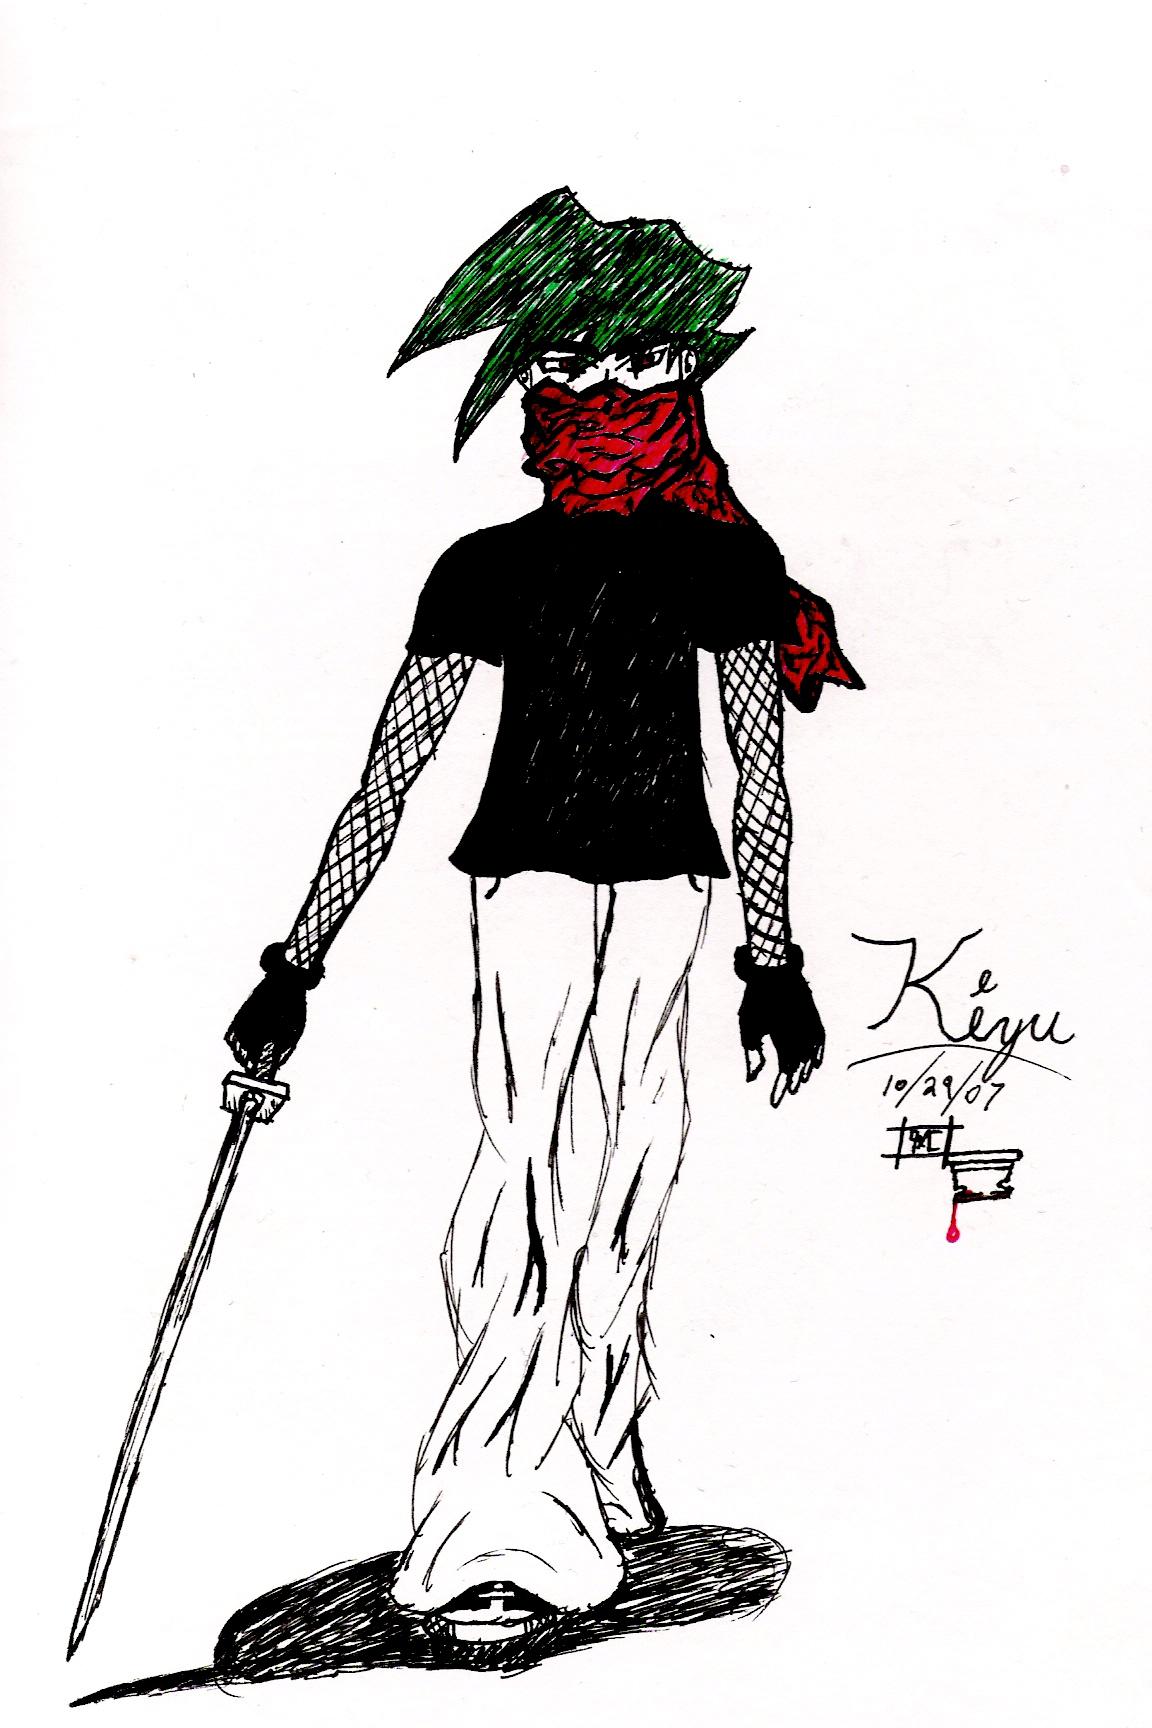 Kiyu by Nexusenigma